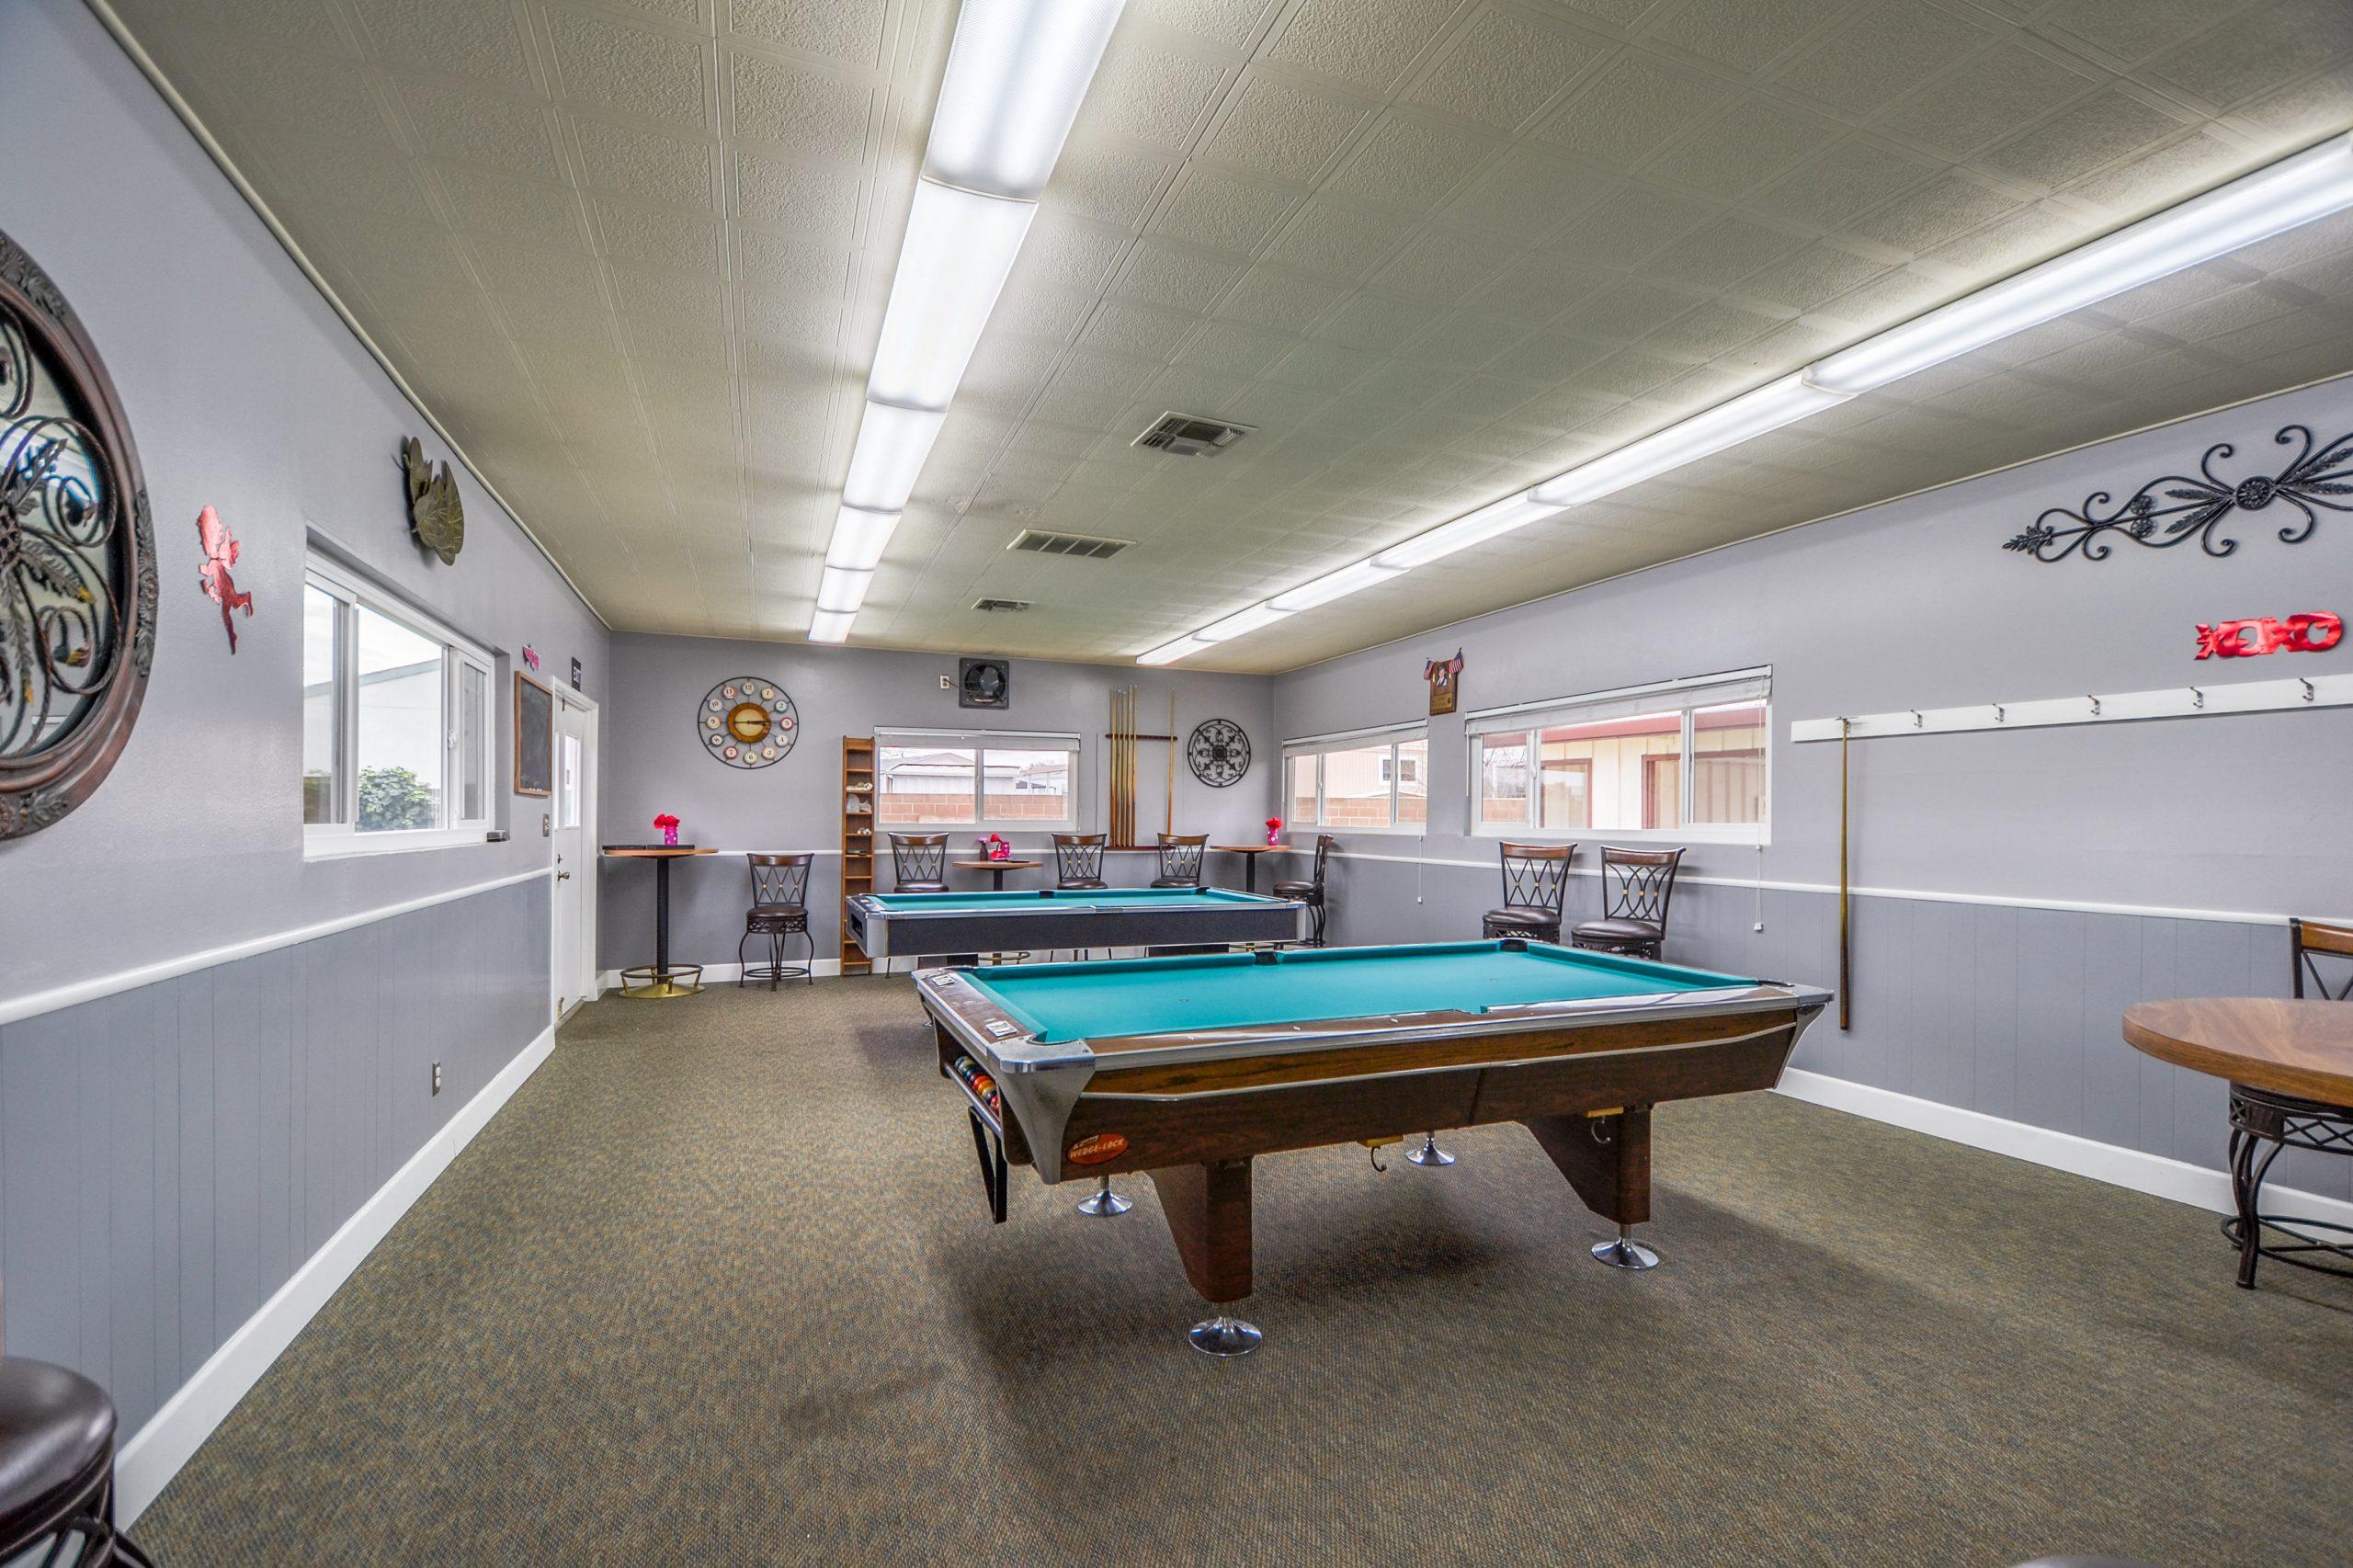 Club house Billiards Table